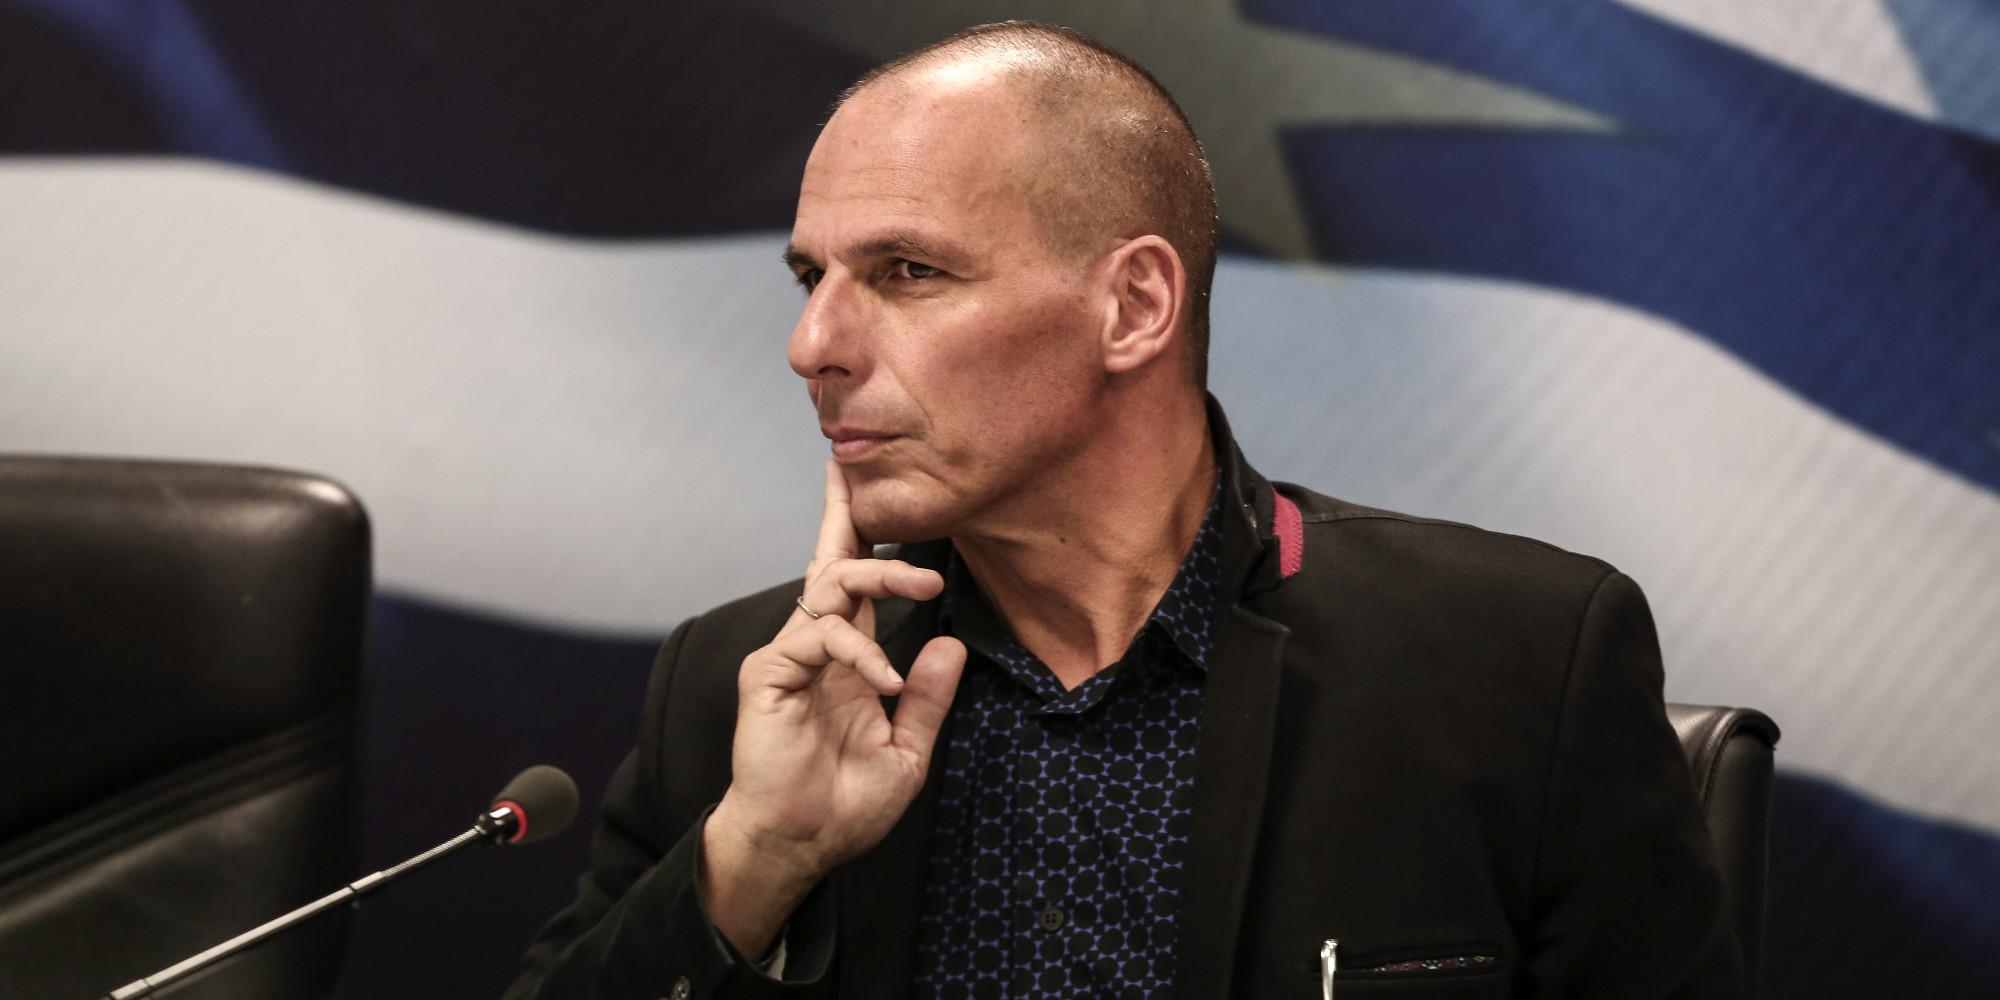 Varufakis acusa a Syriza de traicionar al pueblo griego y se desmarca de Tsipras